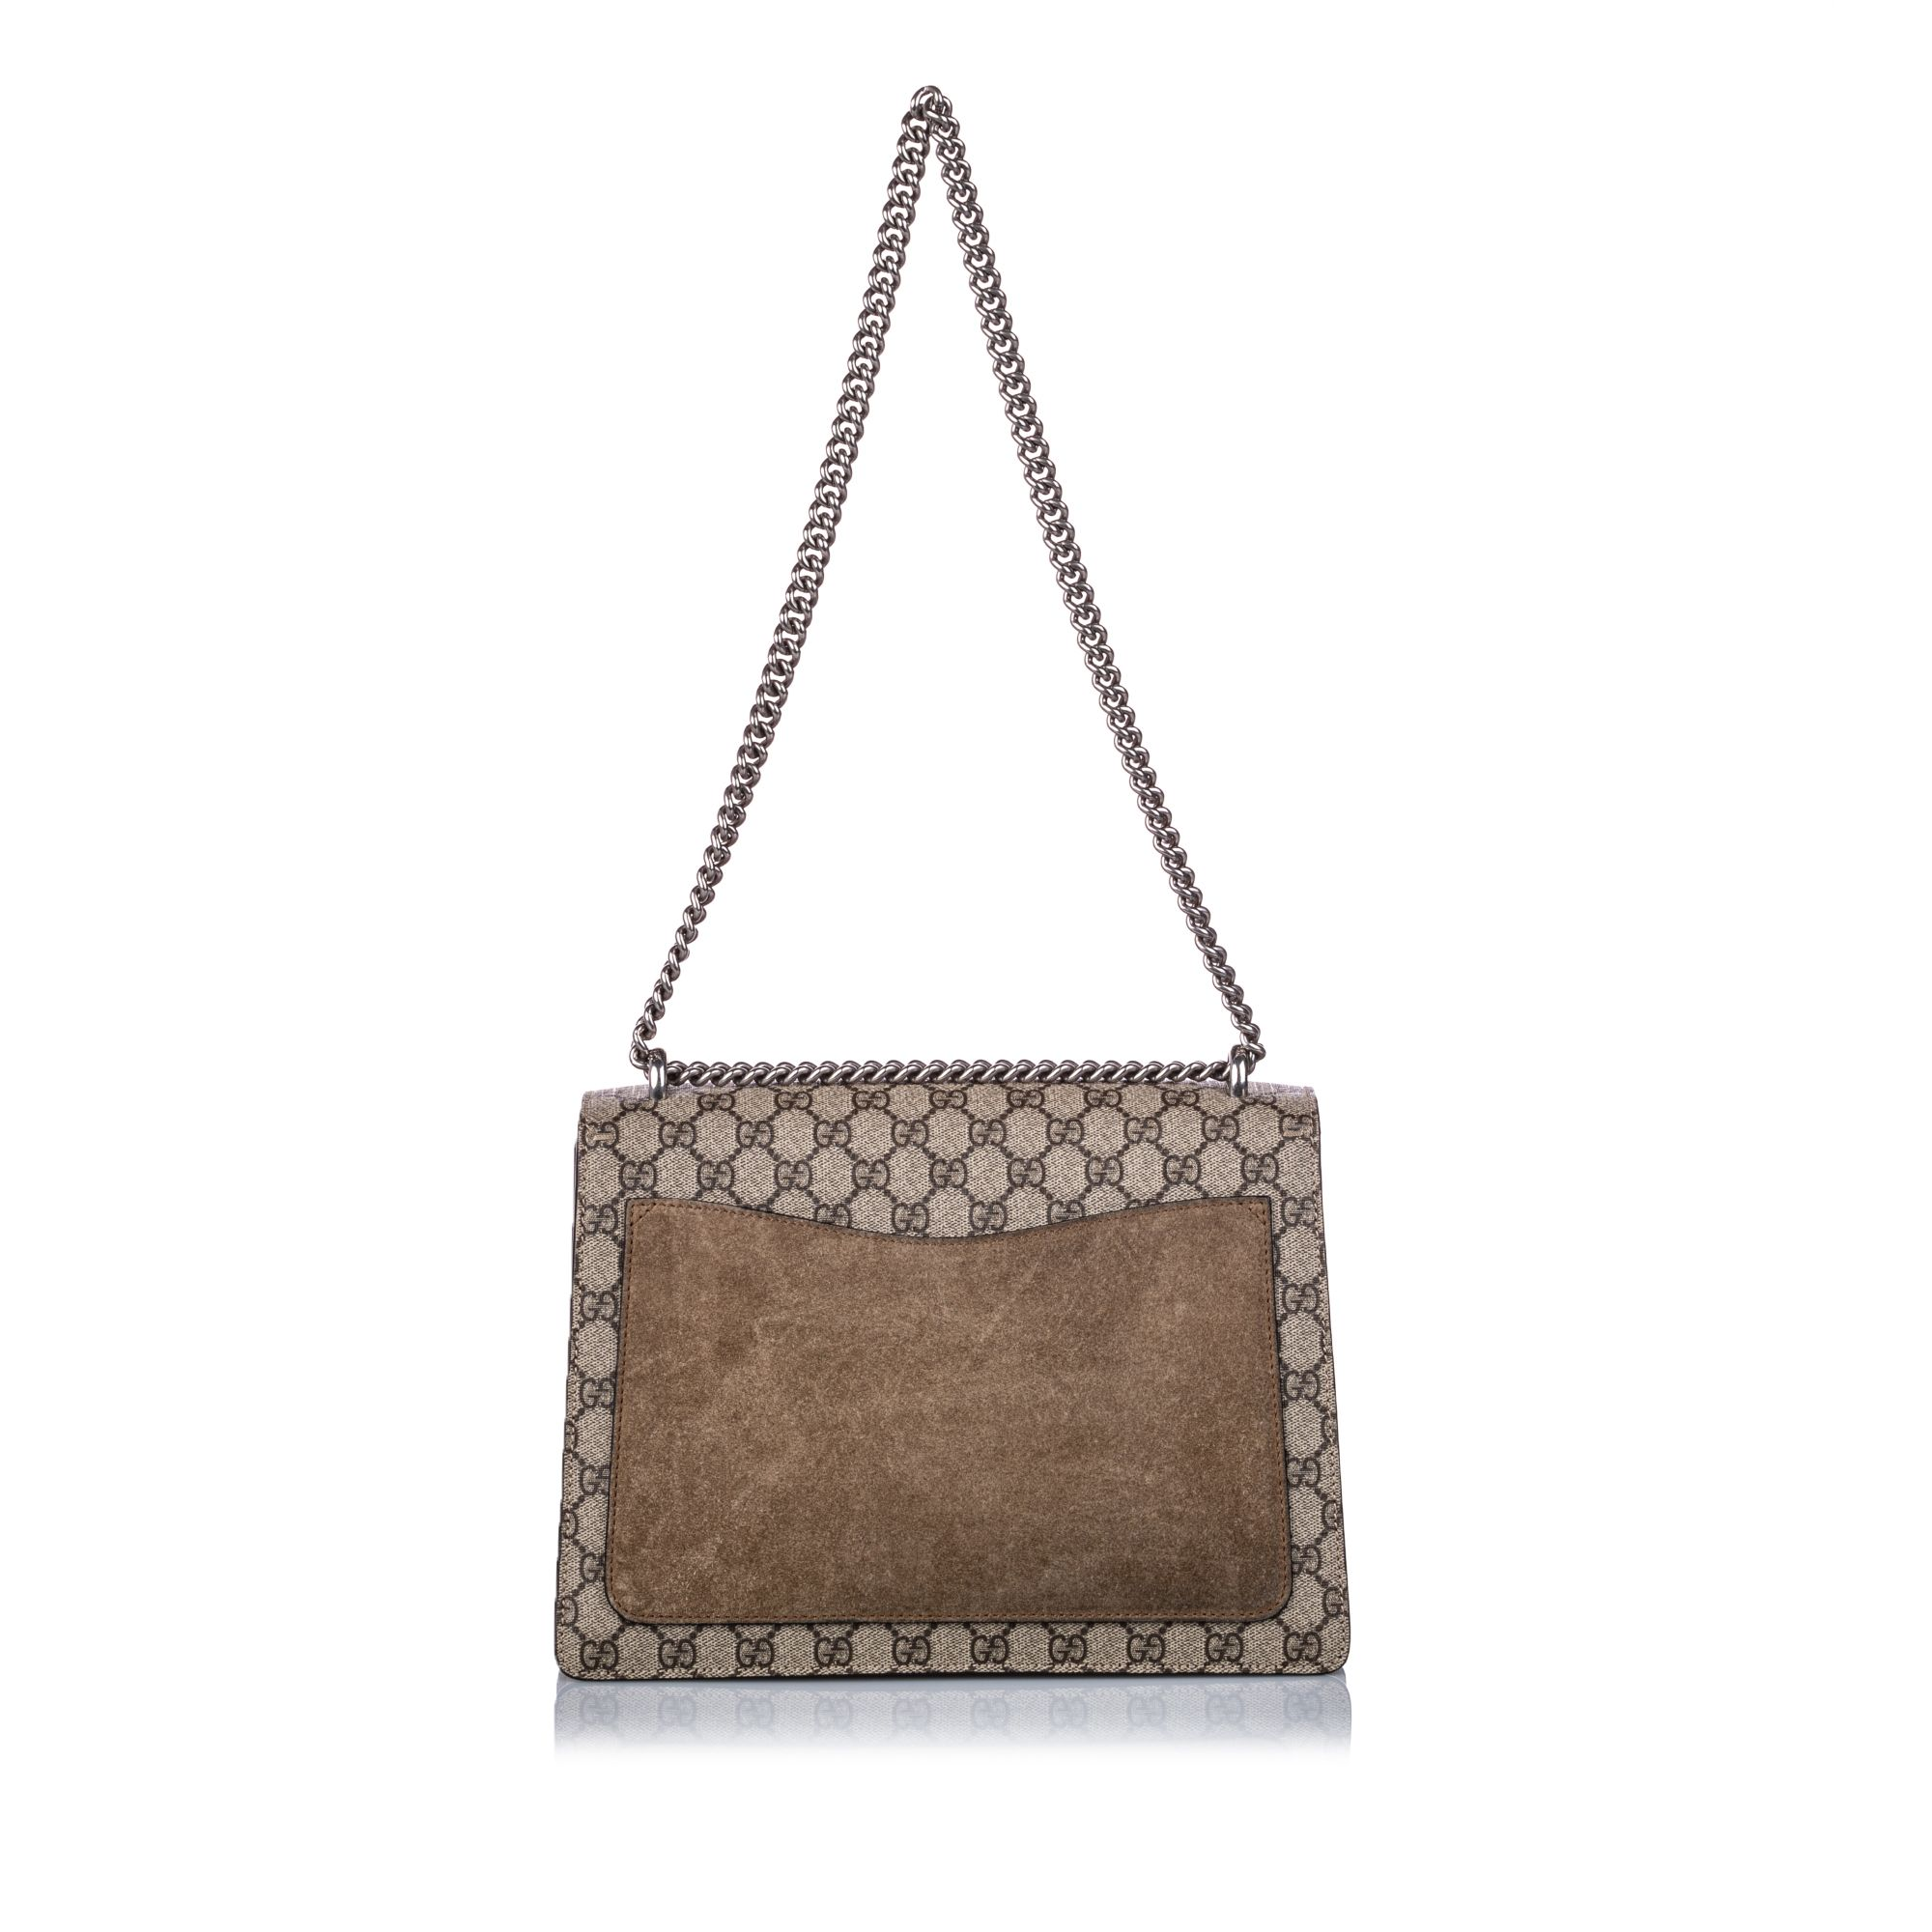 Vintage Gucci GG Supreme Dionysus Shoulder Bag Brown